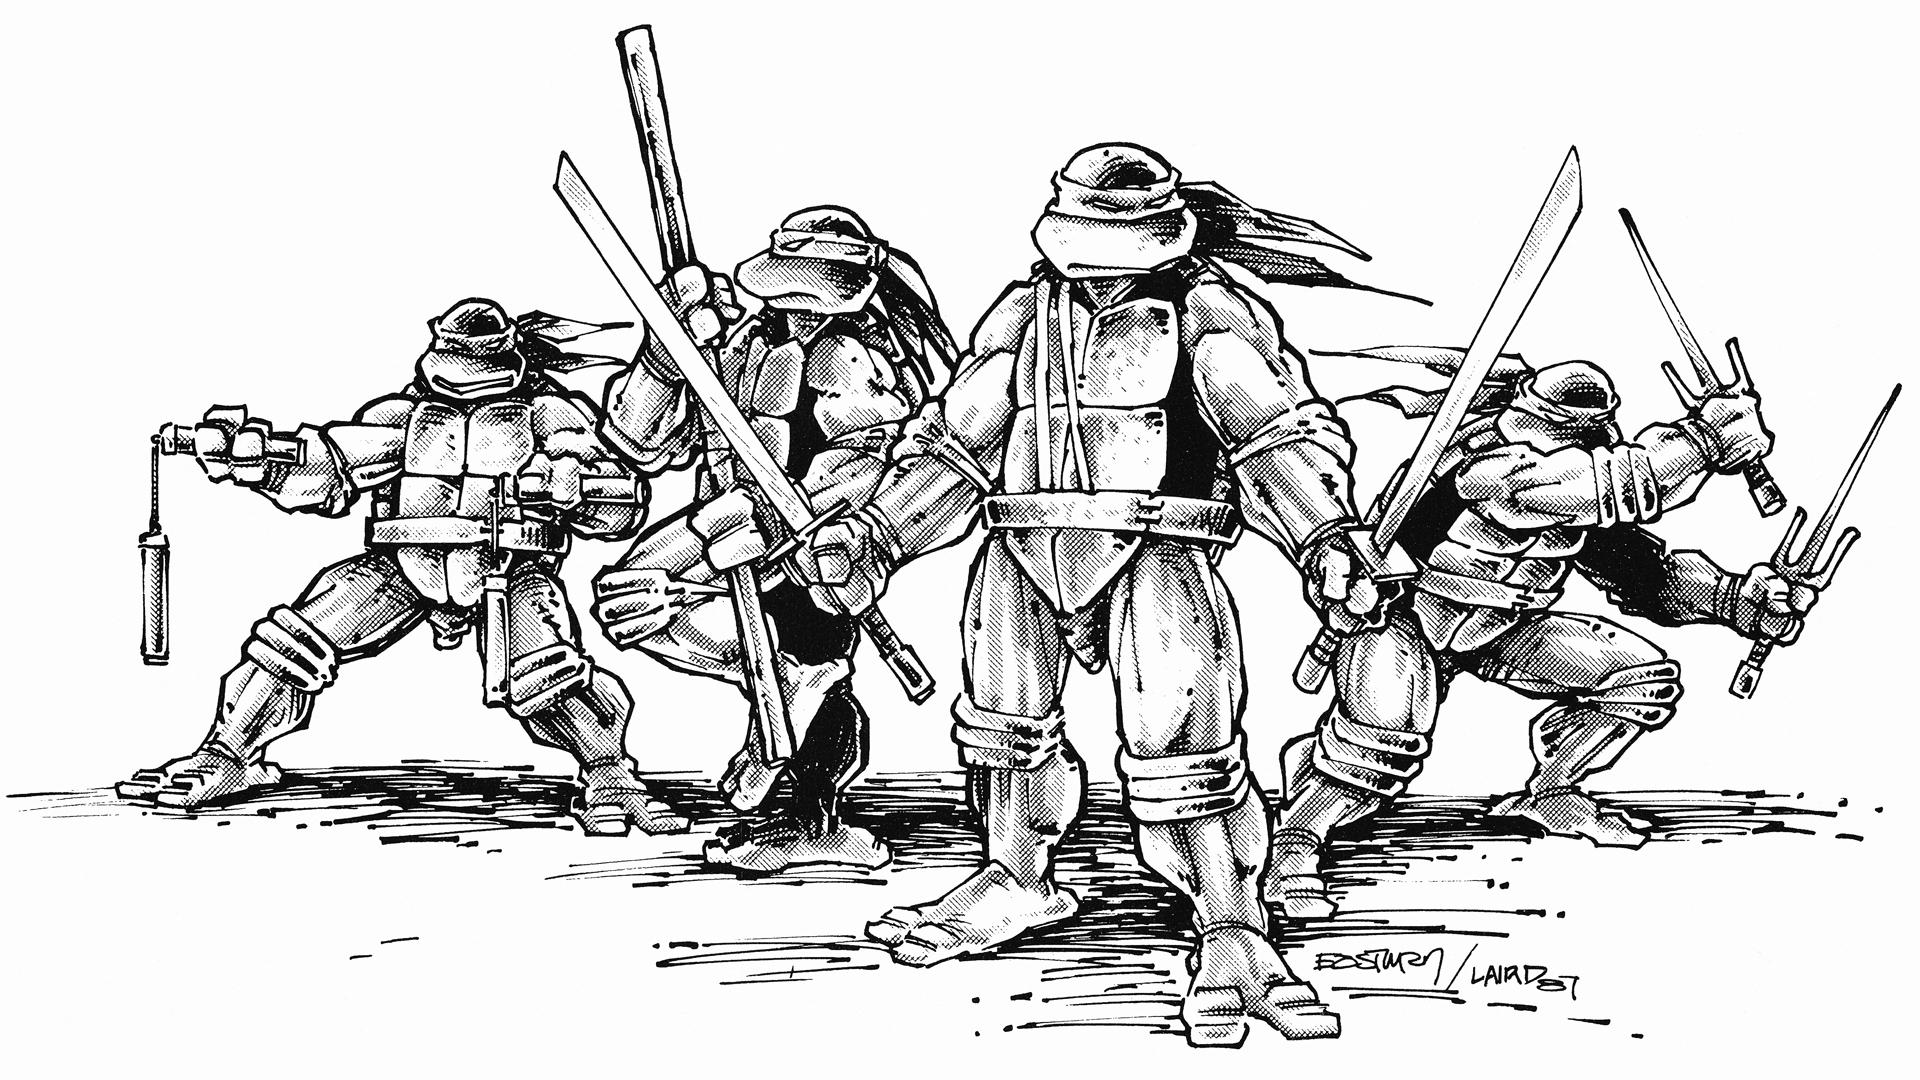 1920x1080 Teenage Mutant Ninja Turtles Zoom Comics